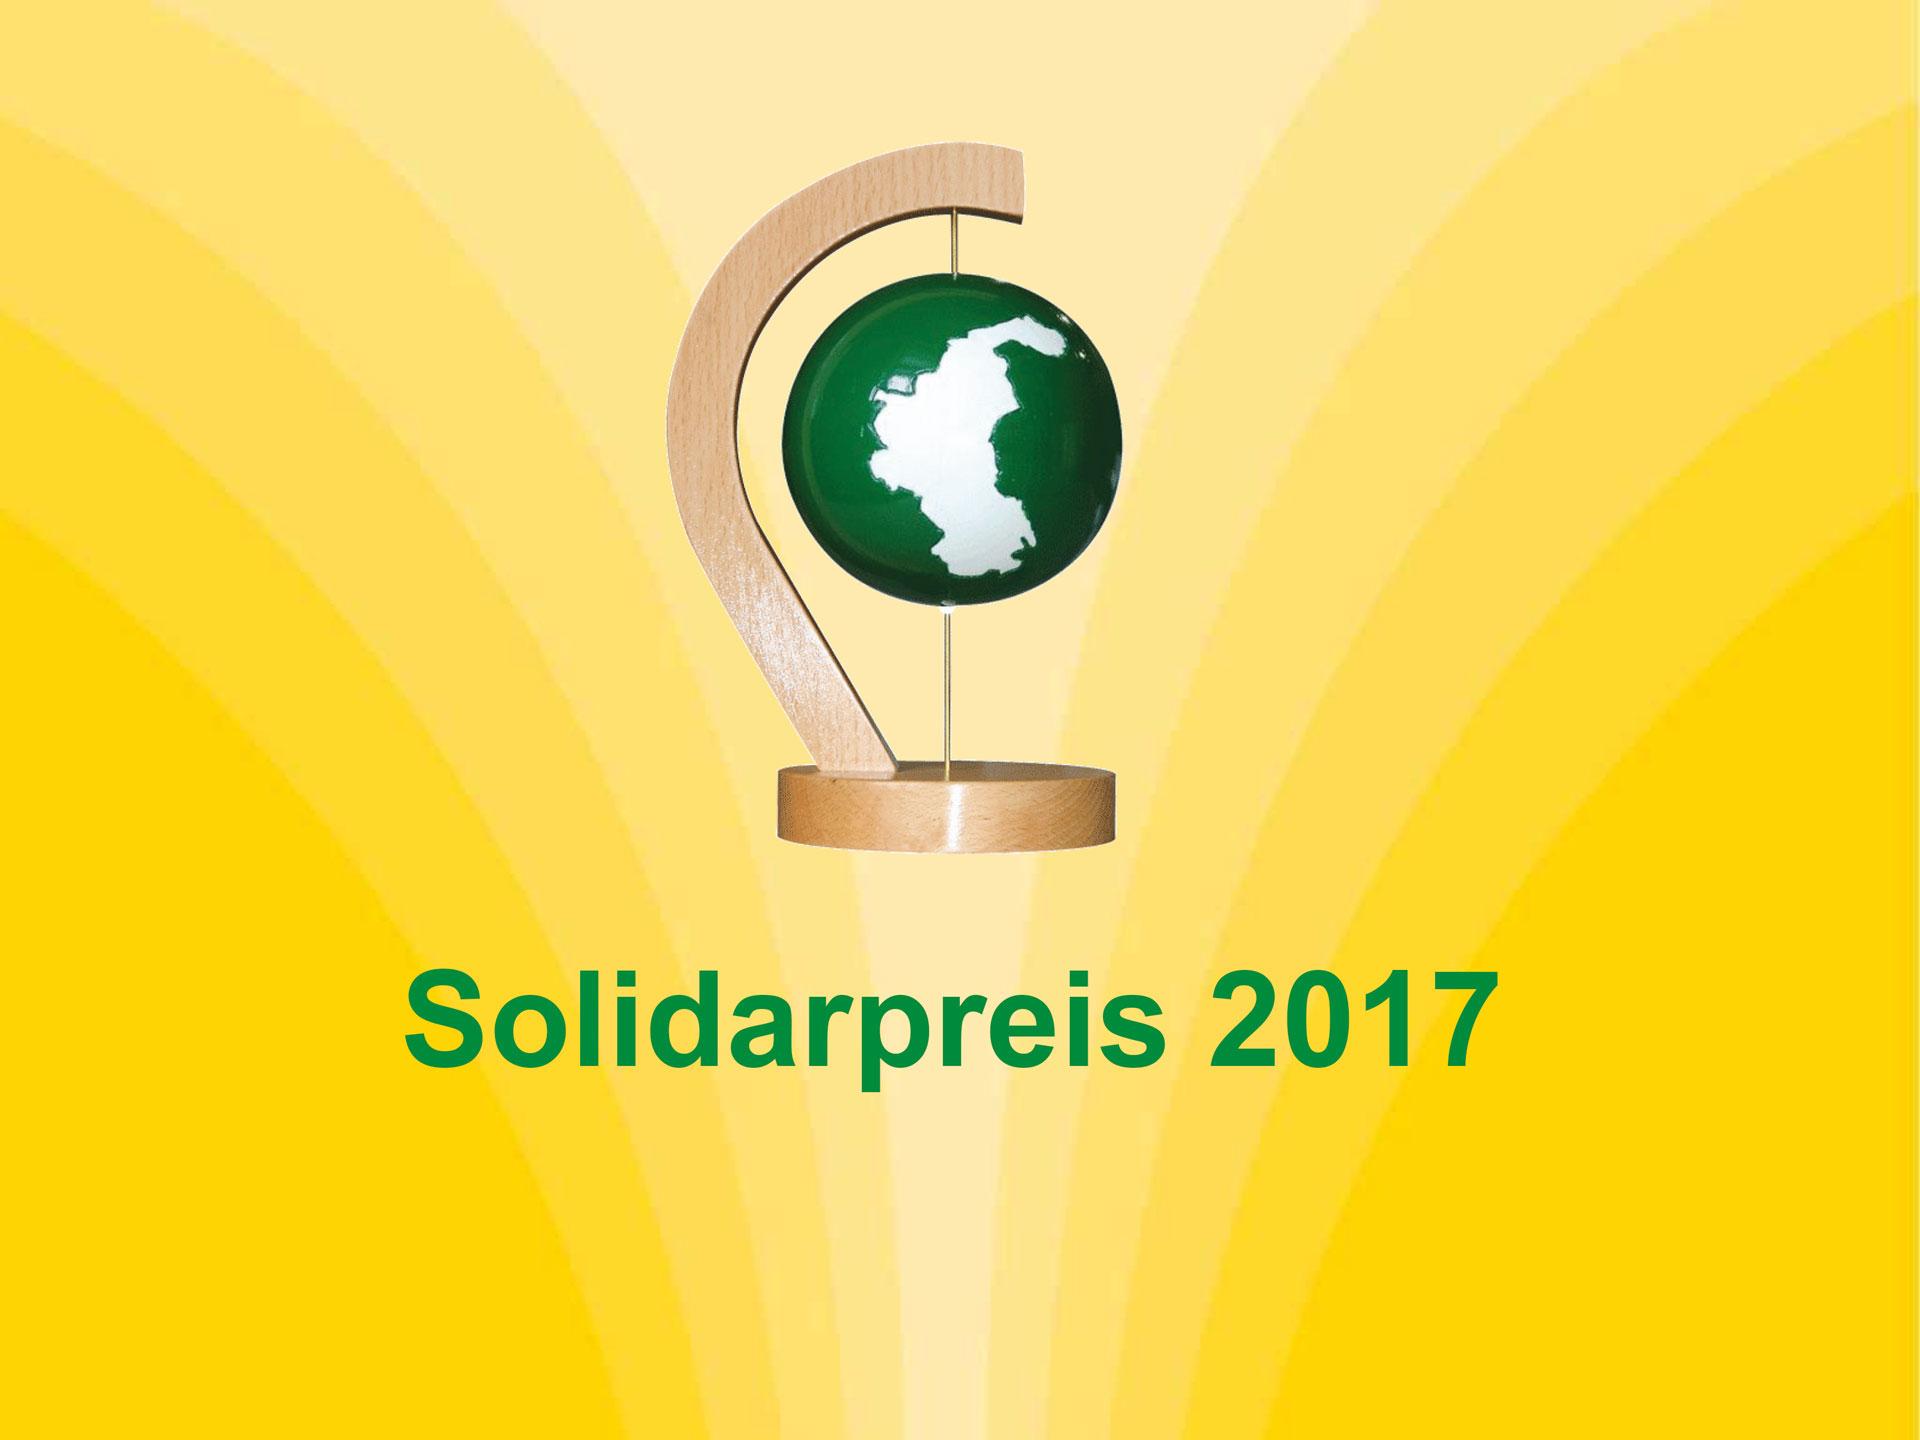 Solidarpreis_2017